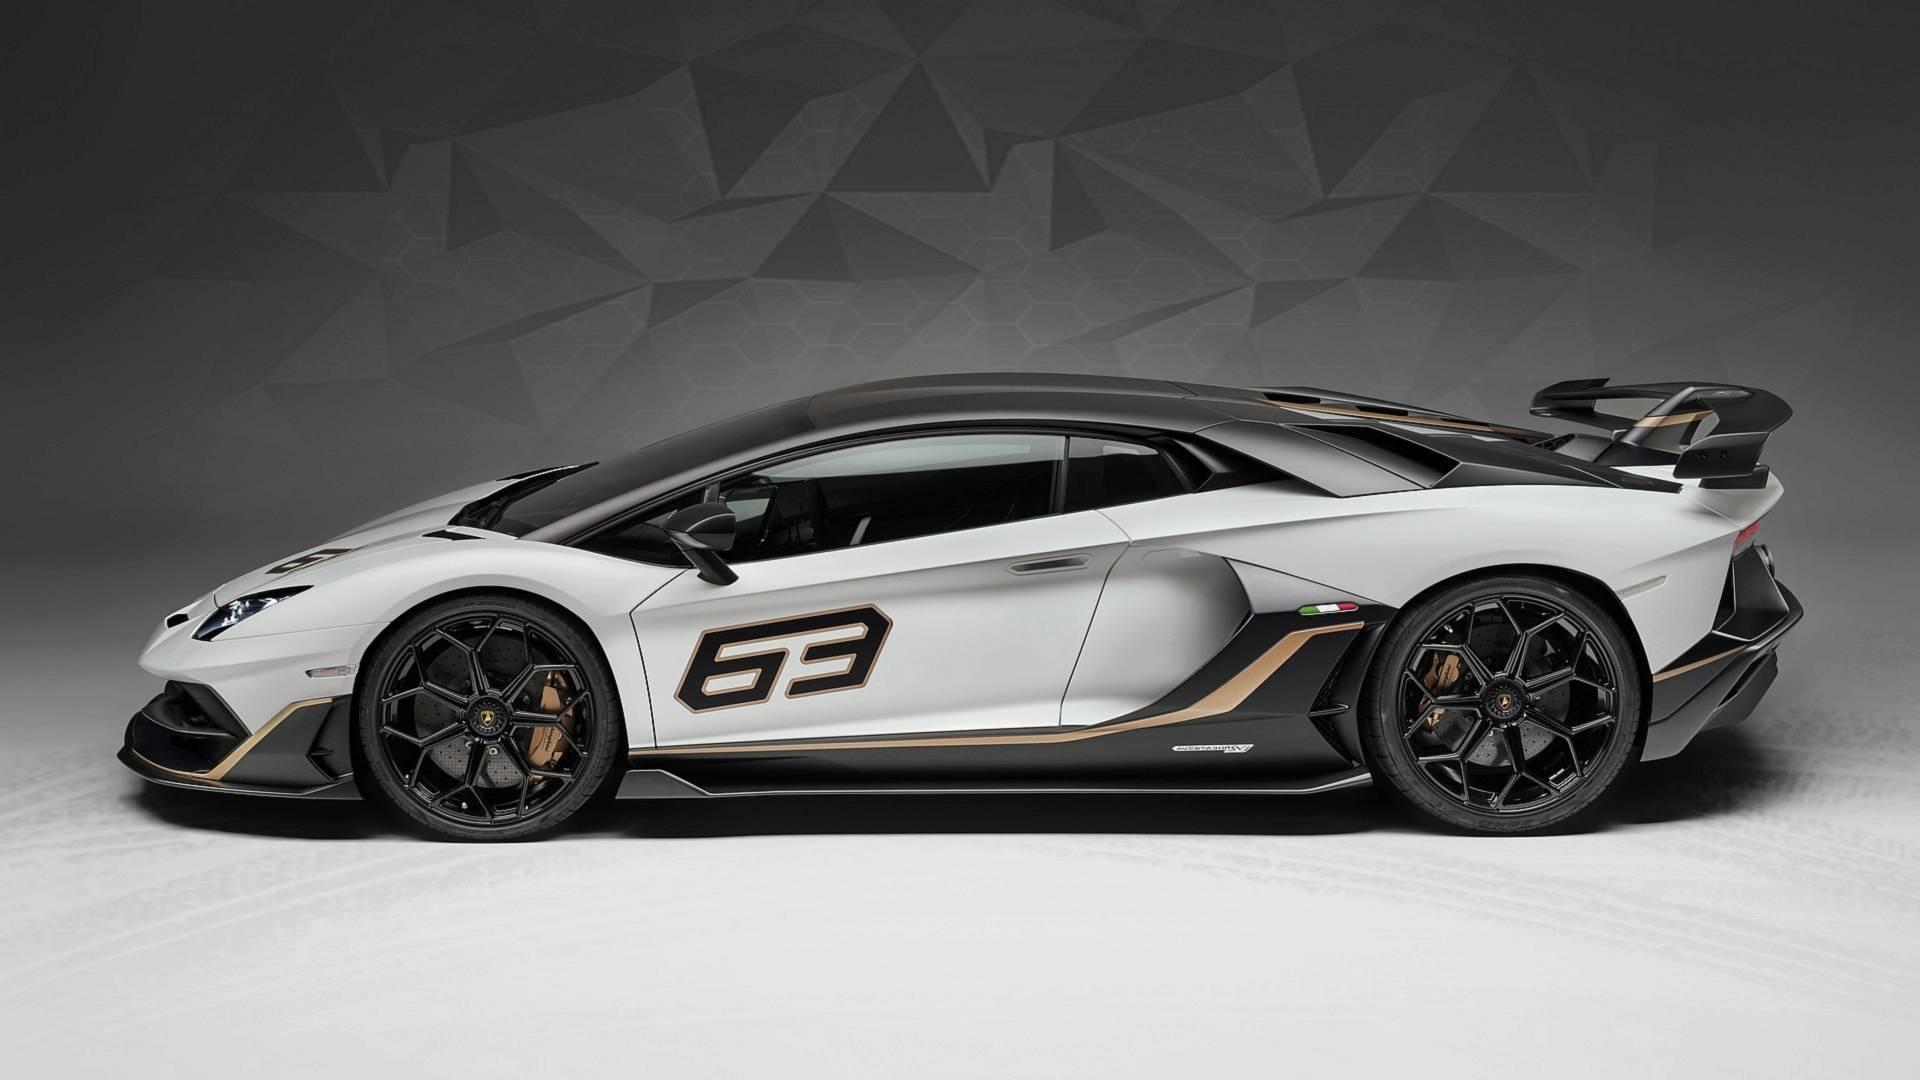 Lamborghini Aventador Svj Revealed In Dealer Photo Shows